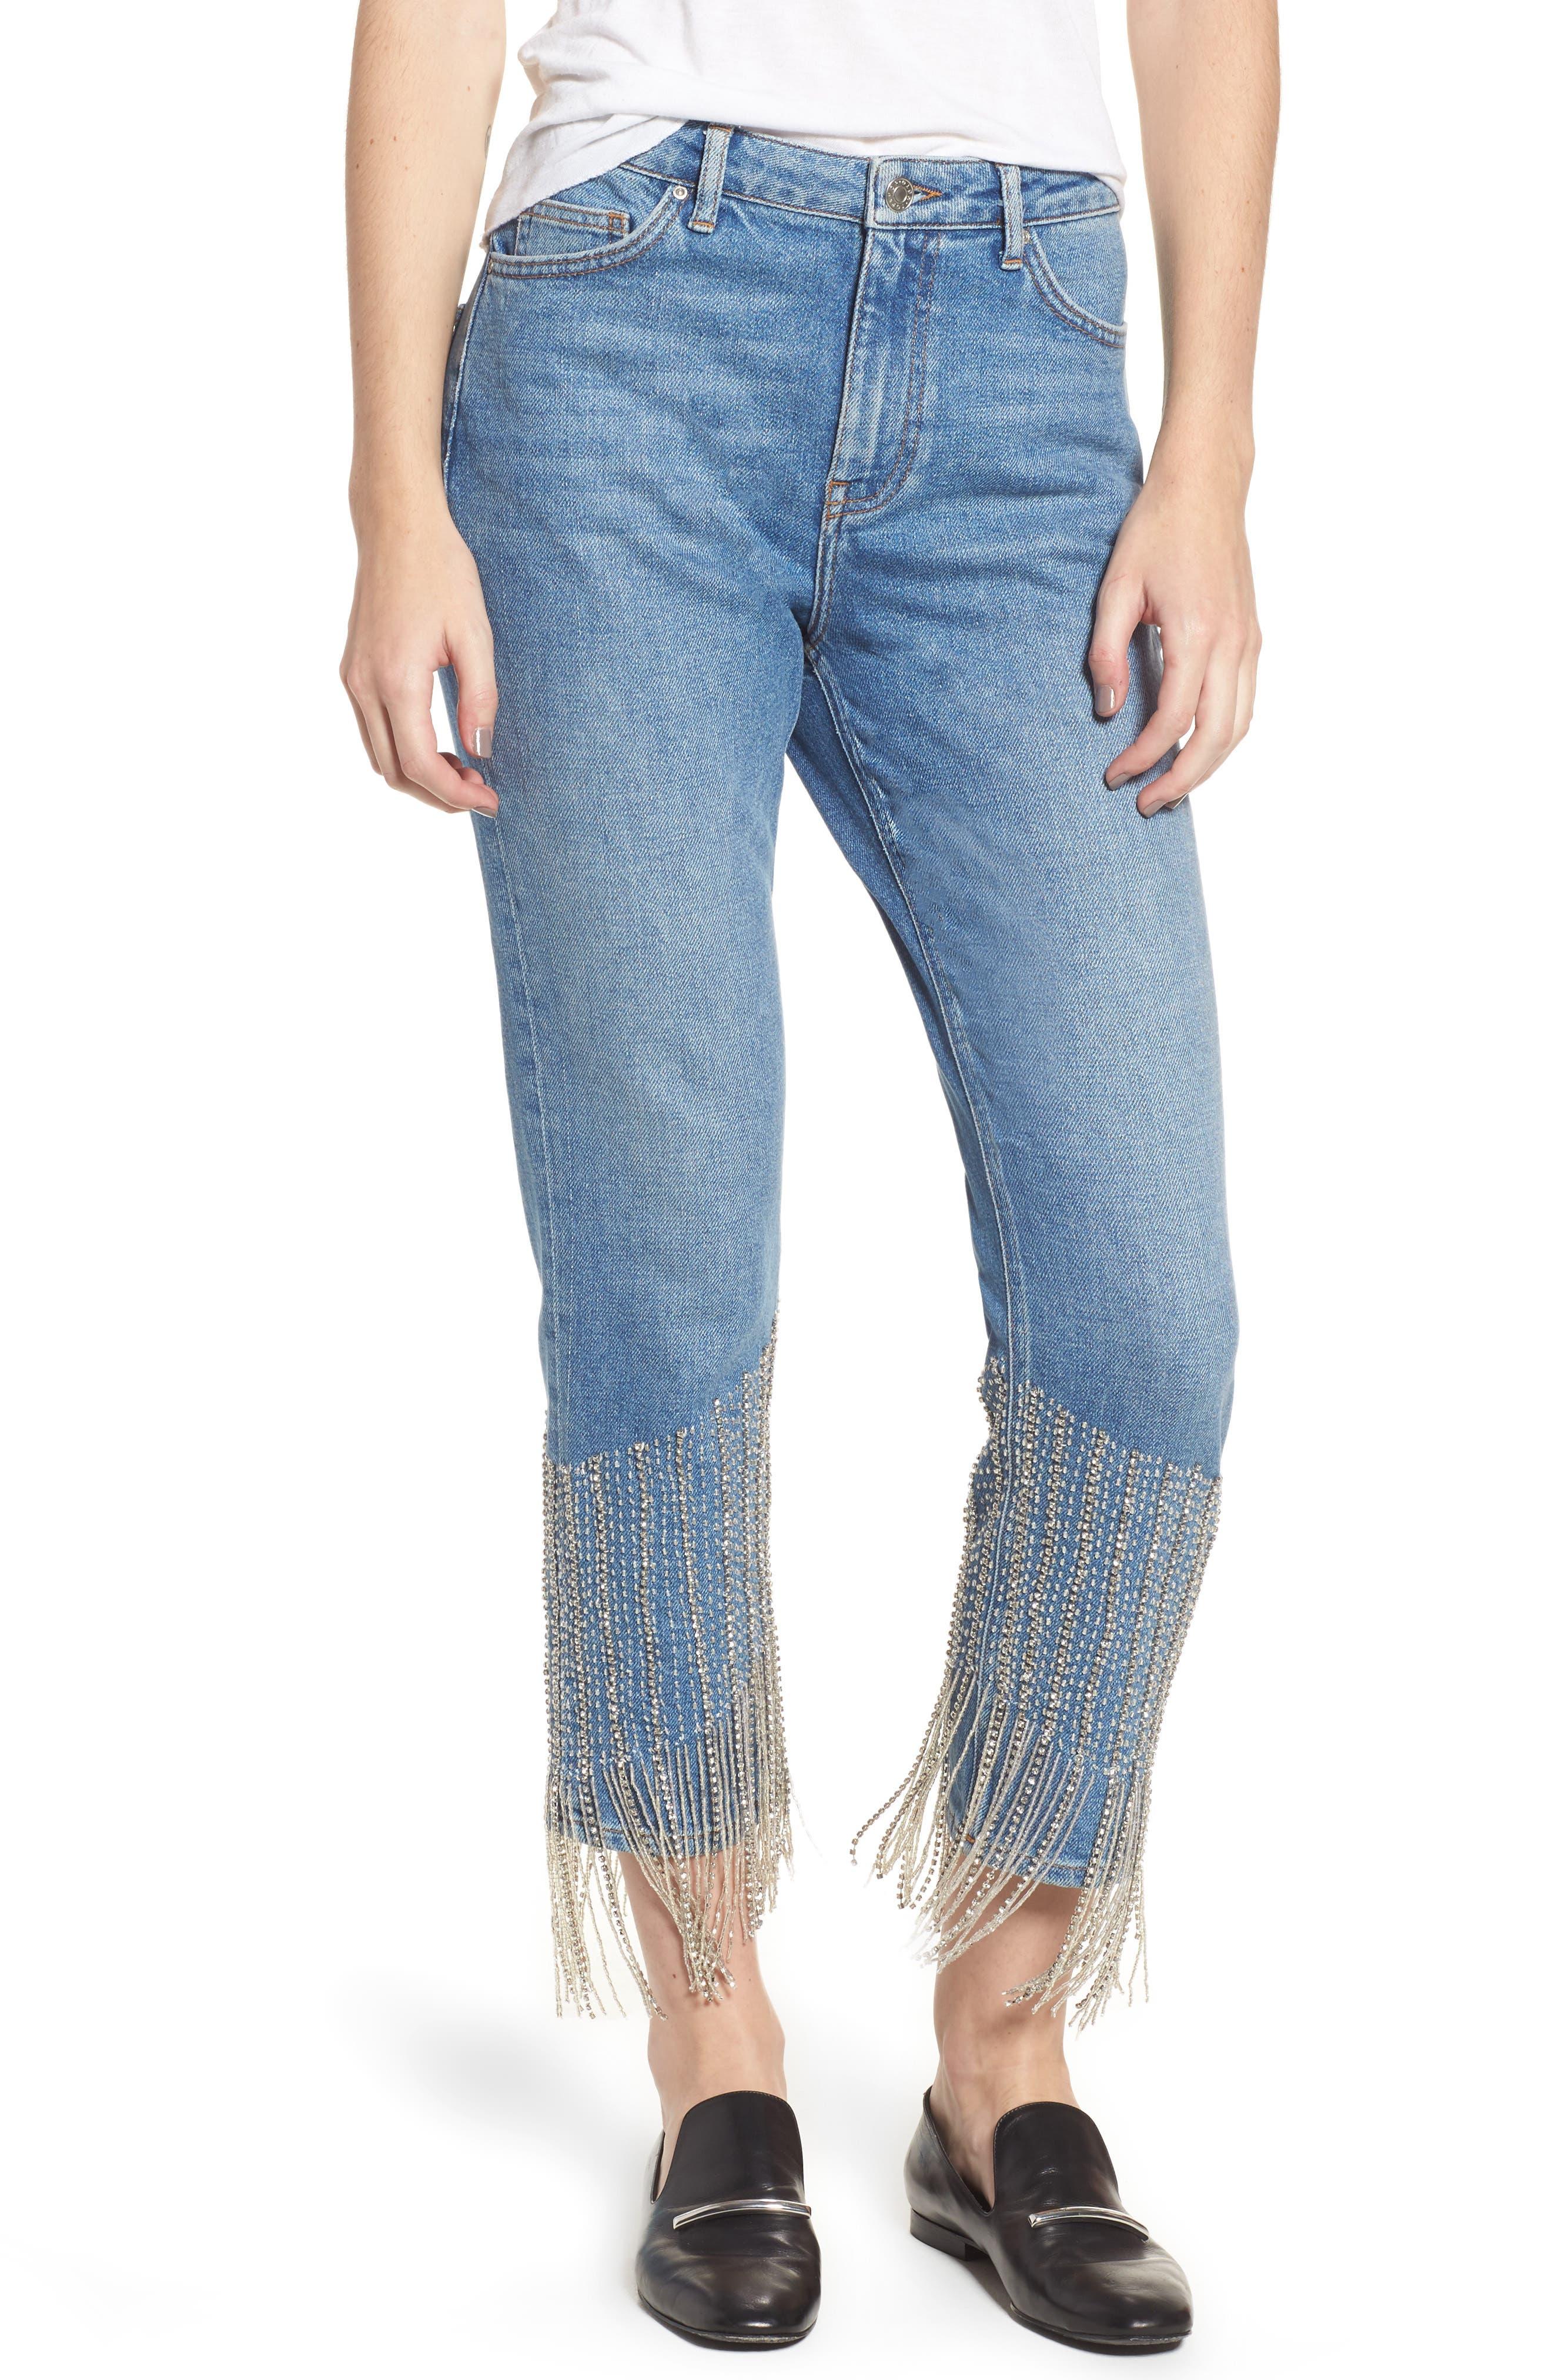 Alternate Image 1 Selected - Topshop Crystal Embellished Moto Jeans